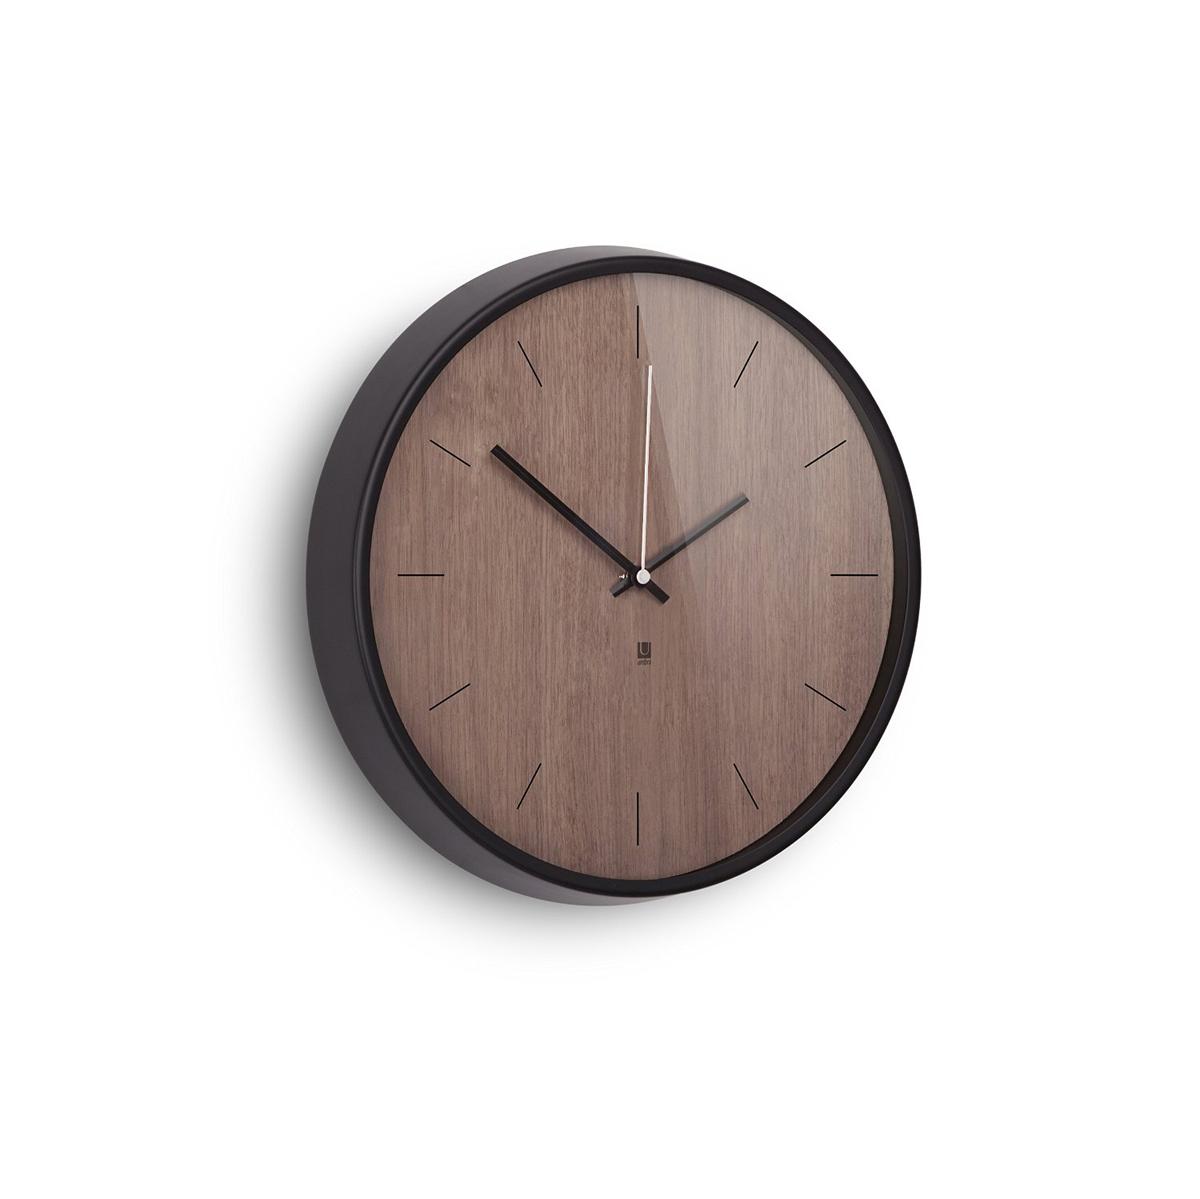 Настенные часы Umbra Madera, цвет: шоколадный118413-048Хоть и говорят, что счастливые часов не наблюдают, но все же иногда необходимо знать точное время. Не смотря на то, что на этих часах отсутствует разметка, вы запросто определите который час, а главное, станете еще чуточку счастливее - ведь такой элегантный дизайн не может не радовать! Сочетание классики и современности, шпона дерева цвета грецкого ореха и алюминиевой рамки - дизайн вне времени. Шикарно будет смотреться в офисе, в гостиной, в спальне - в любом интерьере.